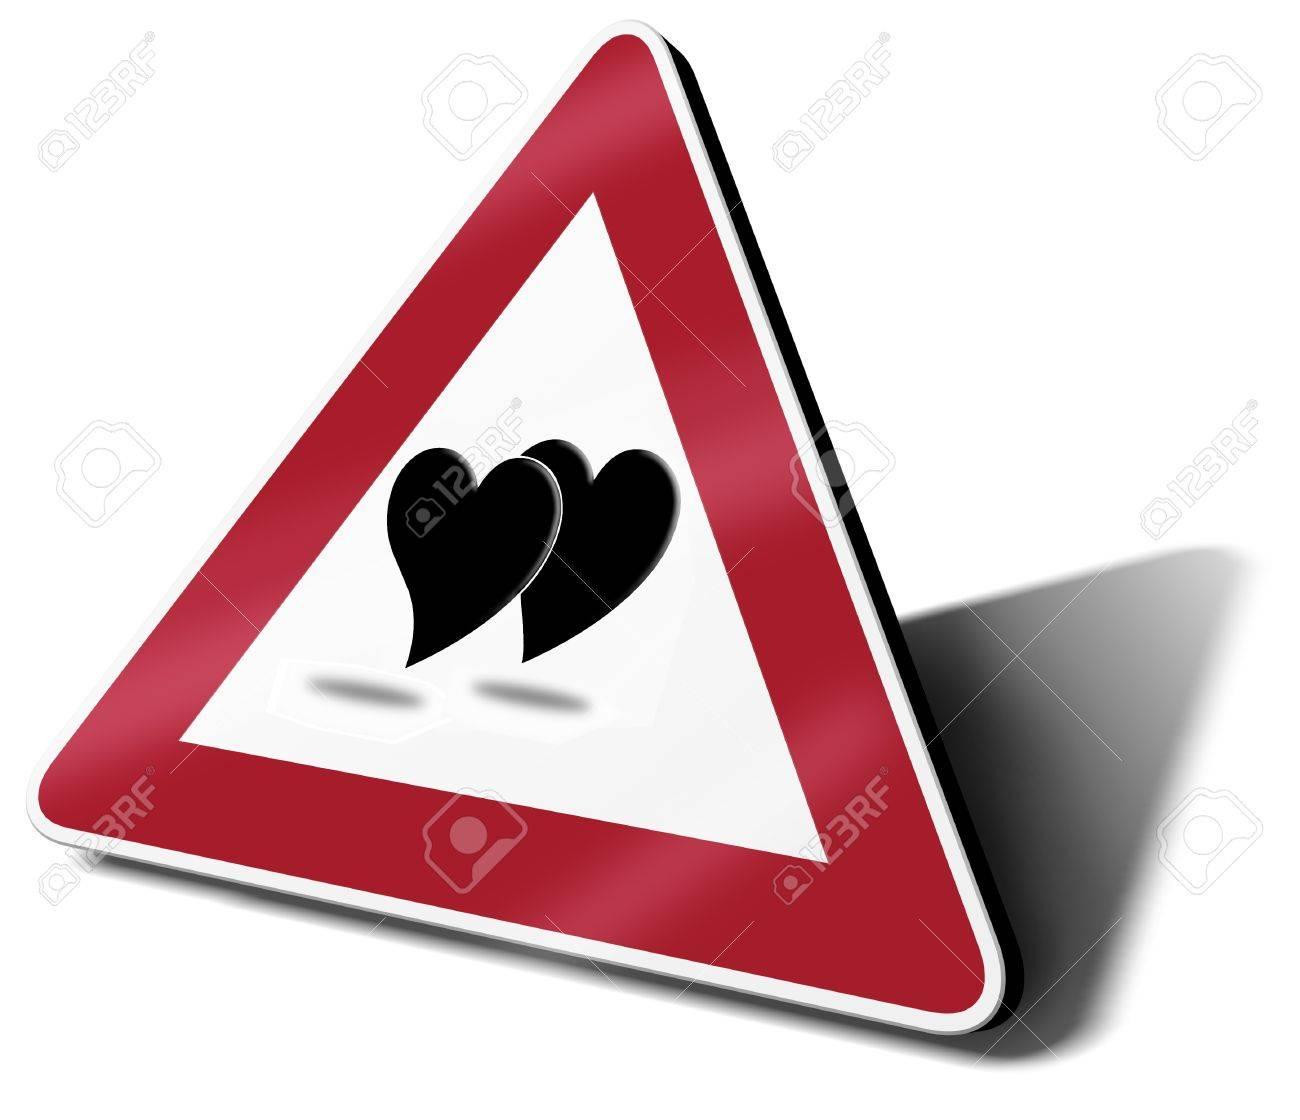 traffic sign love in progress 3d illustration Stock Illustration - 14314988